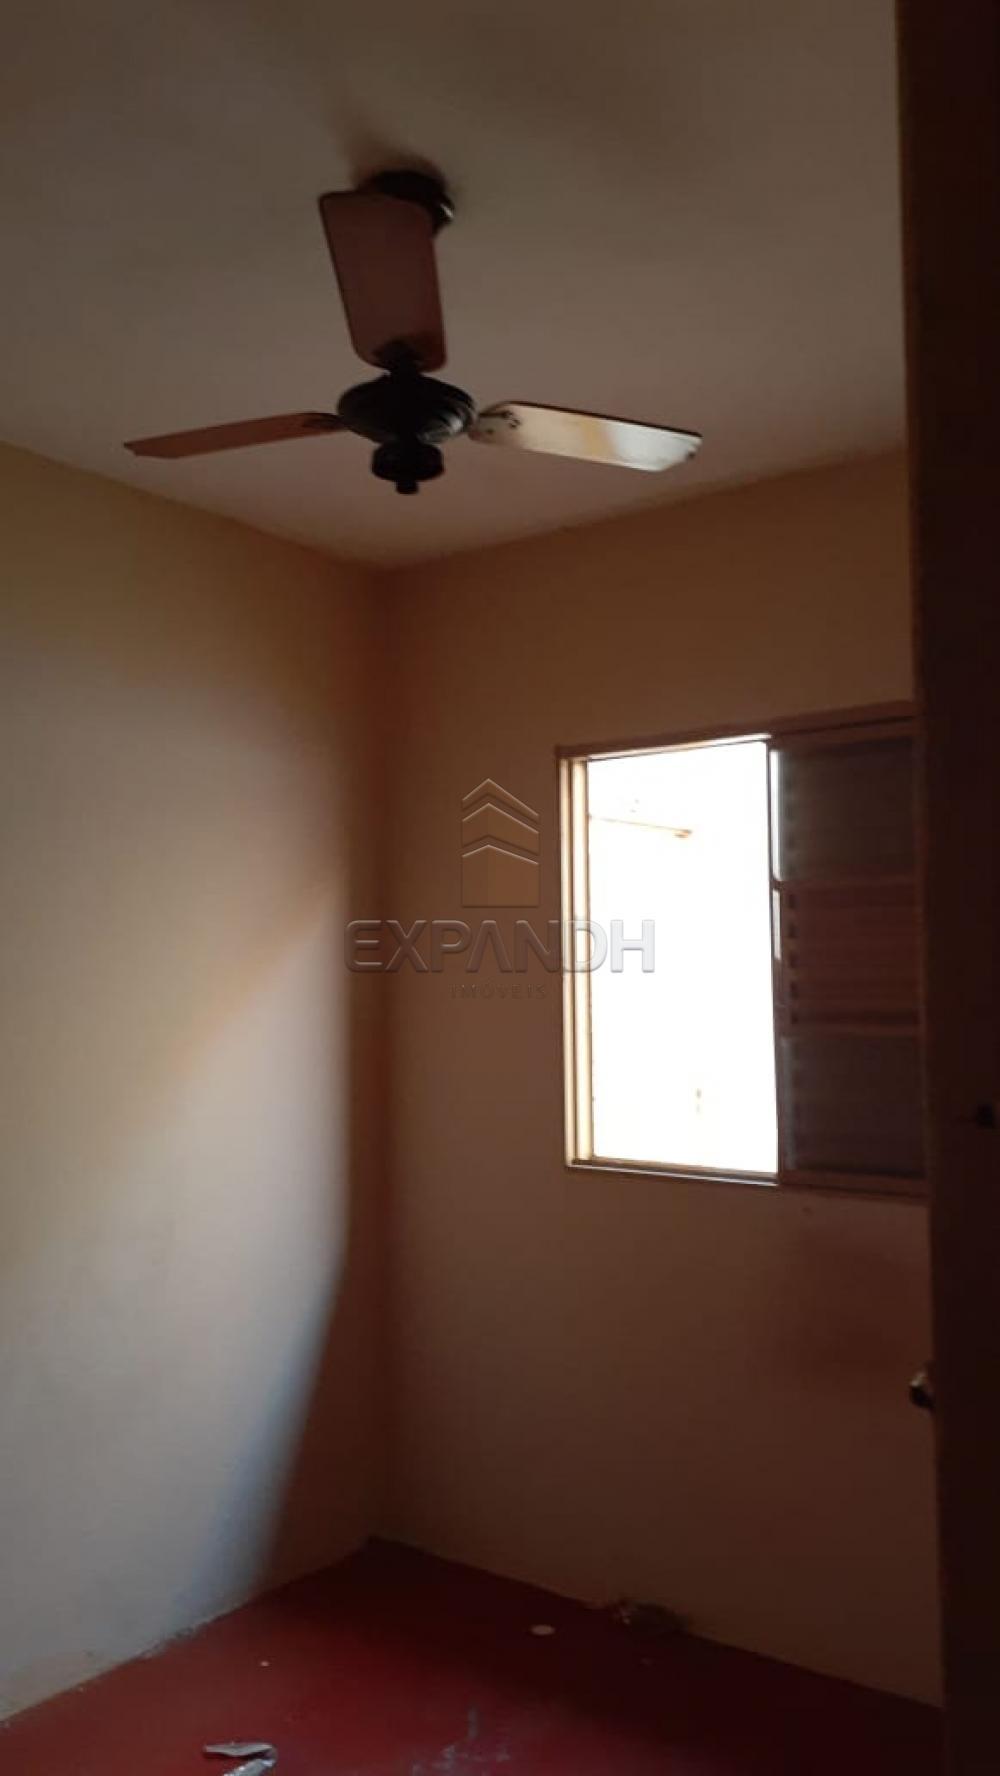 Comprar Casas / Padrão em Sertãozinho apenas R$ 140.000,00 - Foto 25